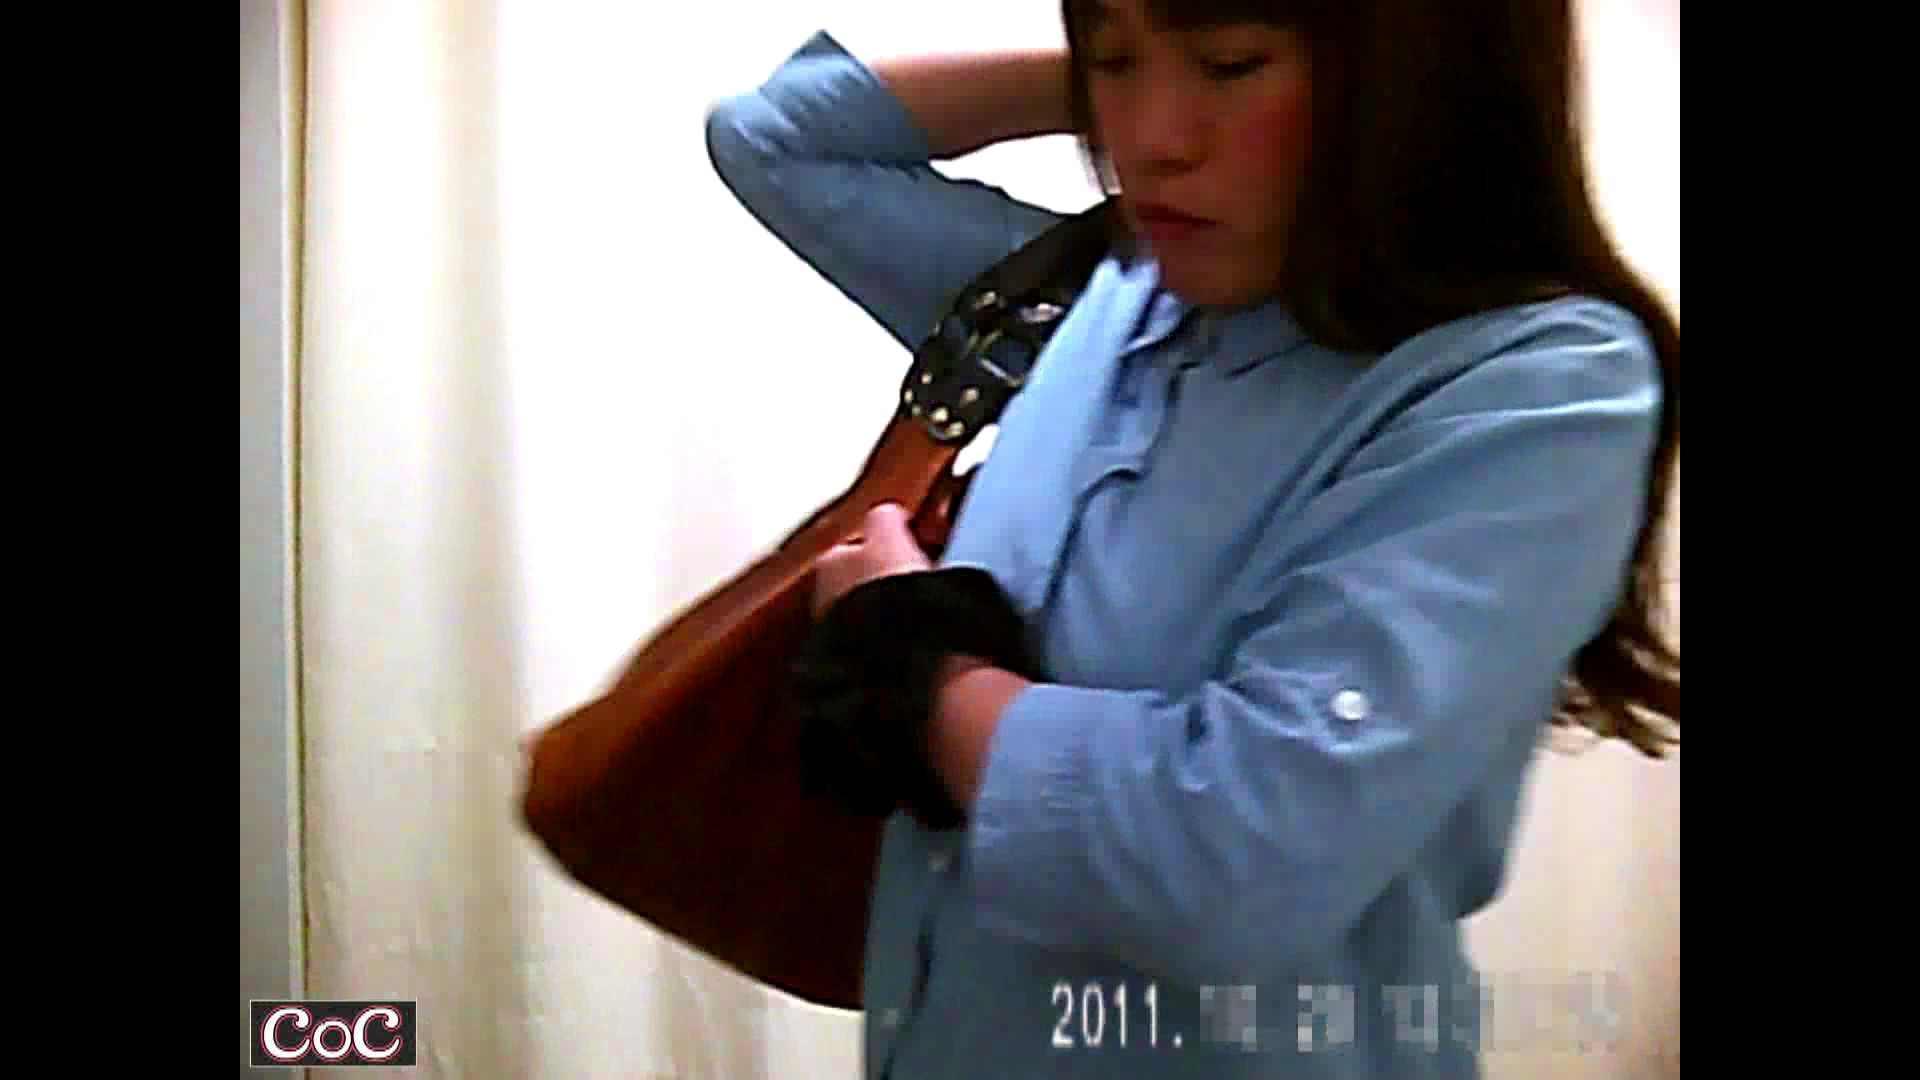 病院おもいっきり着替え! vol.65 独占盗撮 すけべAV動画紹介 53連発 24